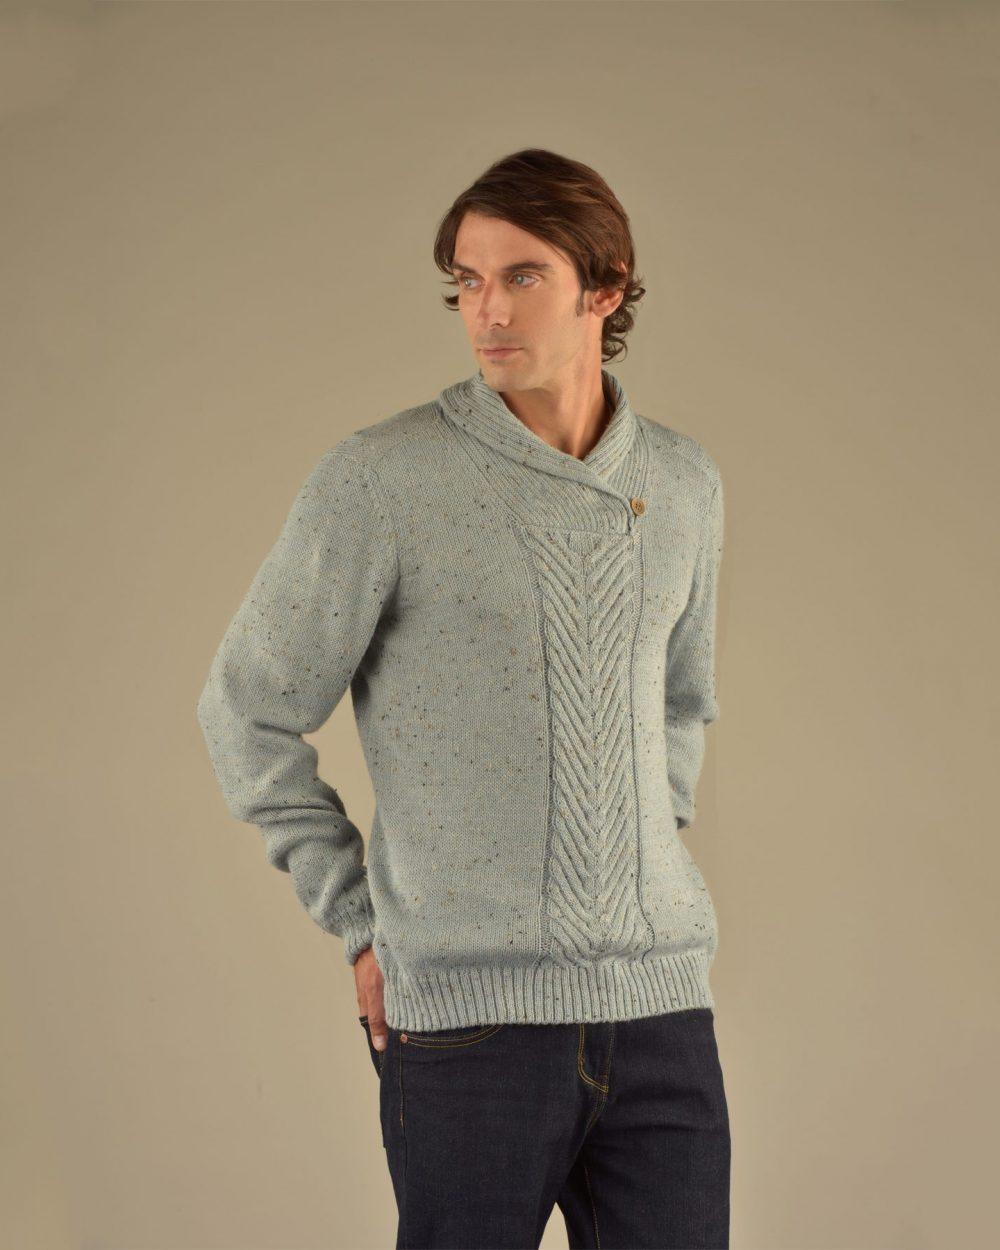 Pull CABLE en bébé alpaga, en lin et en laine donégal - écharpes, bonnets et pulls en alpaga. Fine Alpaca, fine laine et coton du Pérou, vêtements en fibres naturelles.